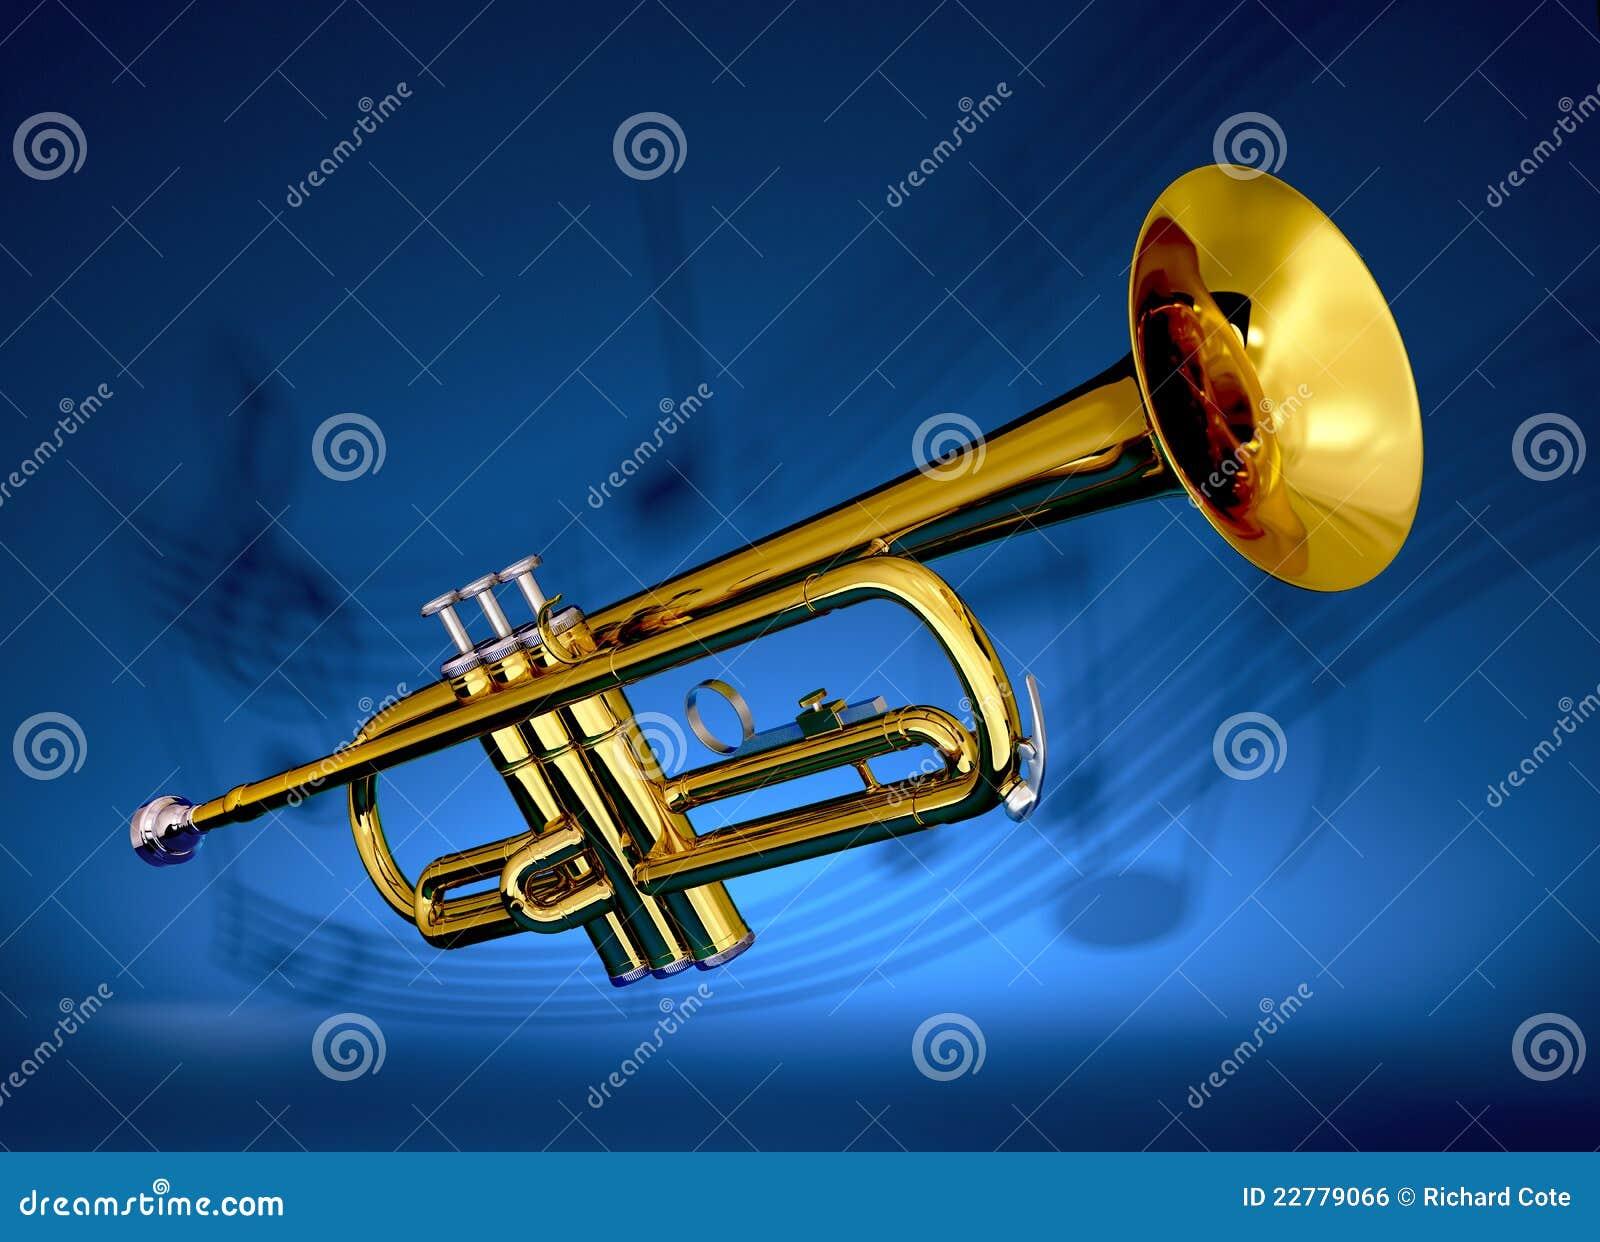 Messingtrompete mit musikalischem Hintergrund